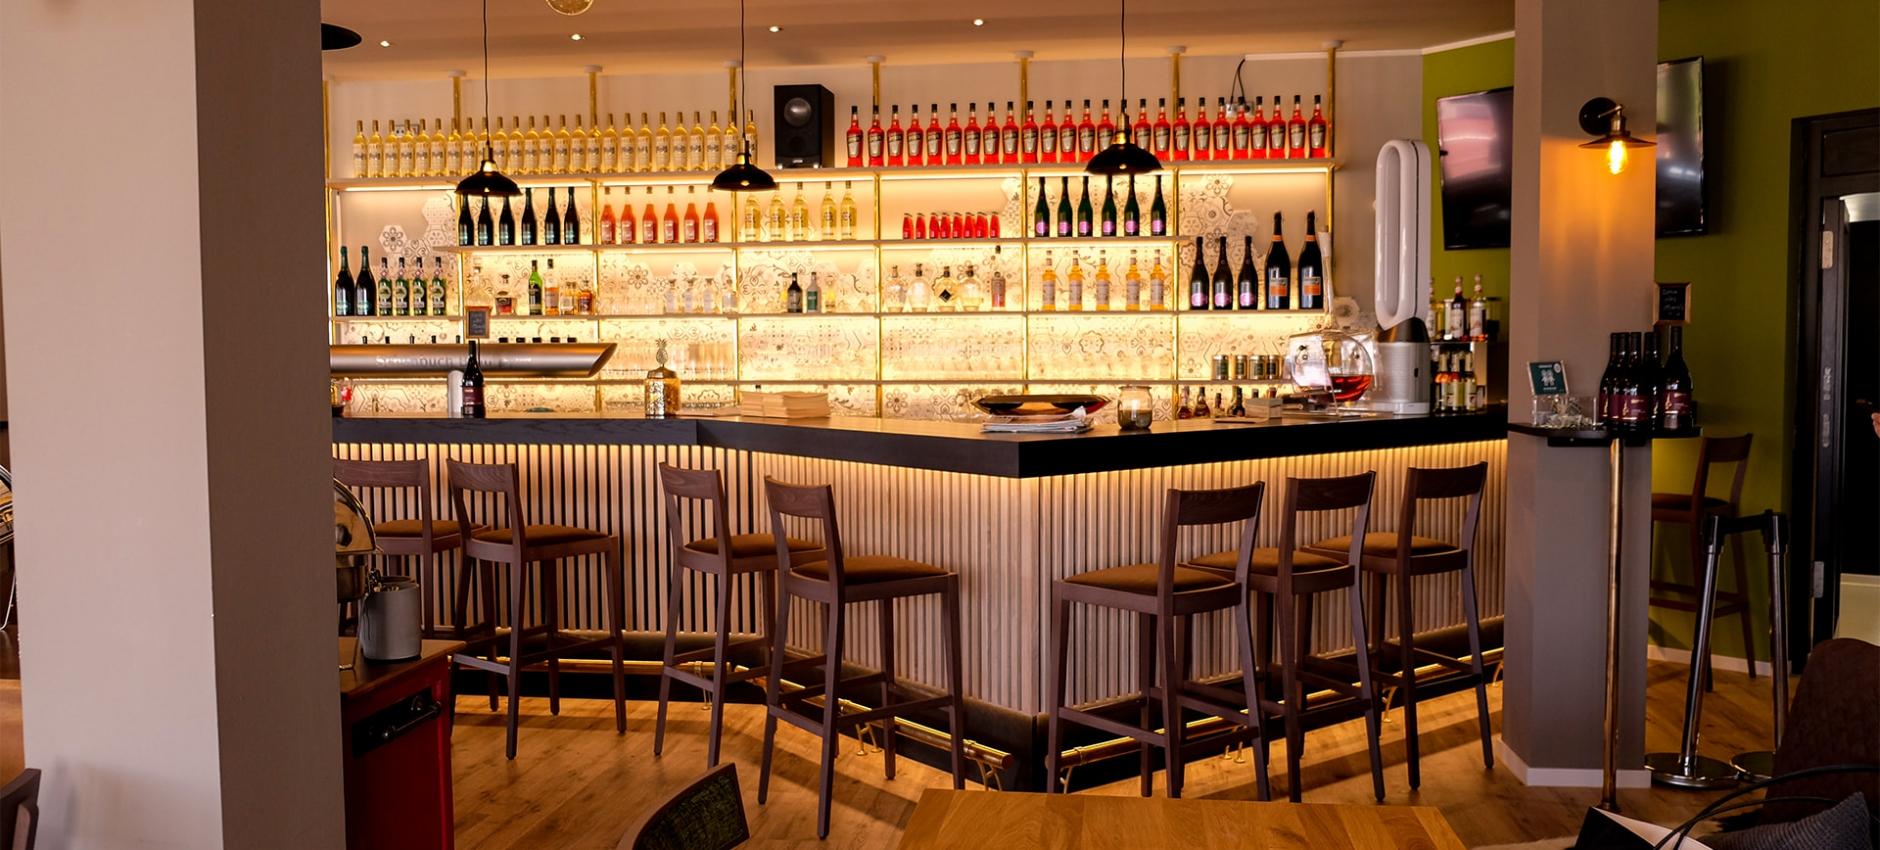 referenzen_boeblingen-restaurant_06.jpg